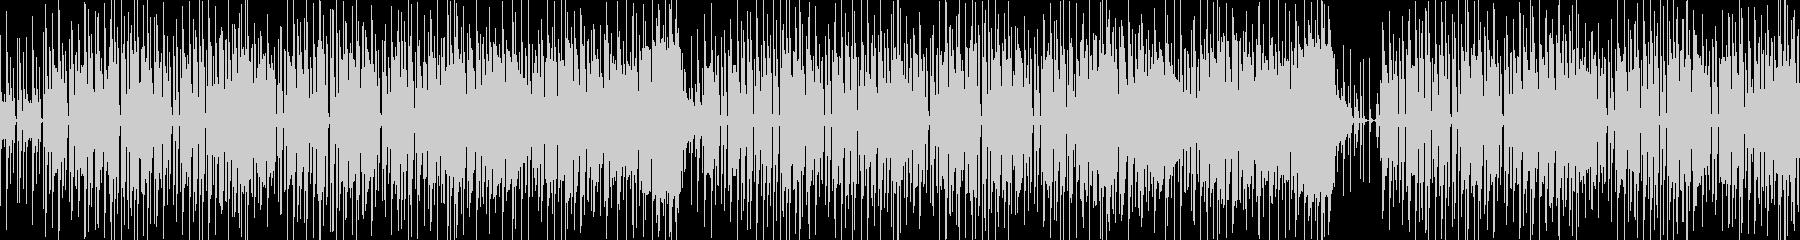 ほのぼのした雰囲気の口笛の未再生の波形